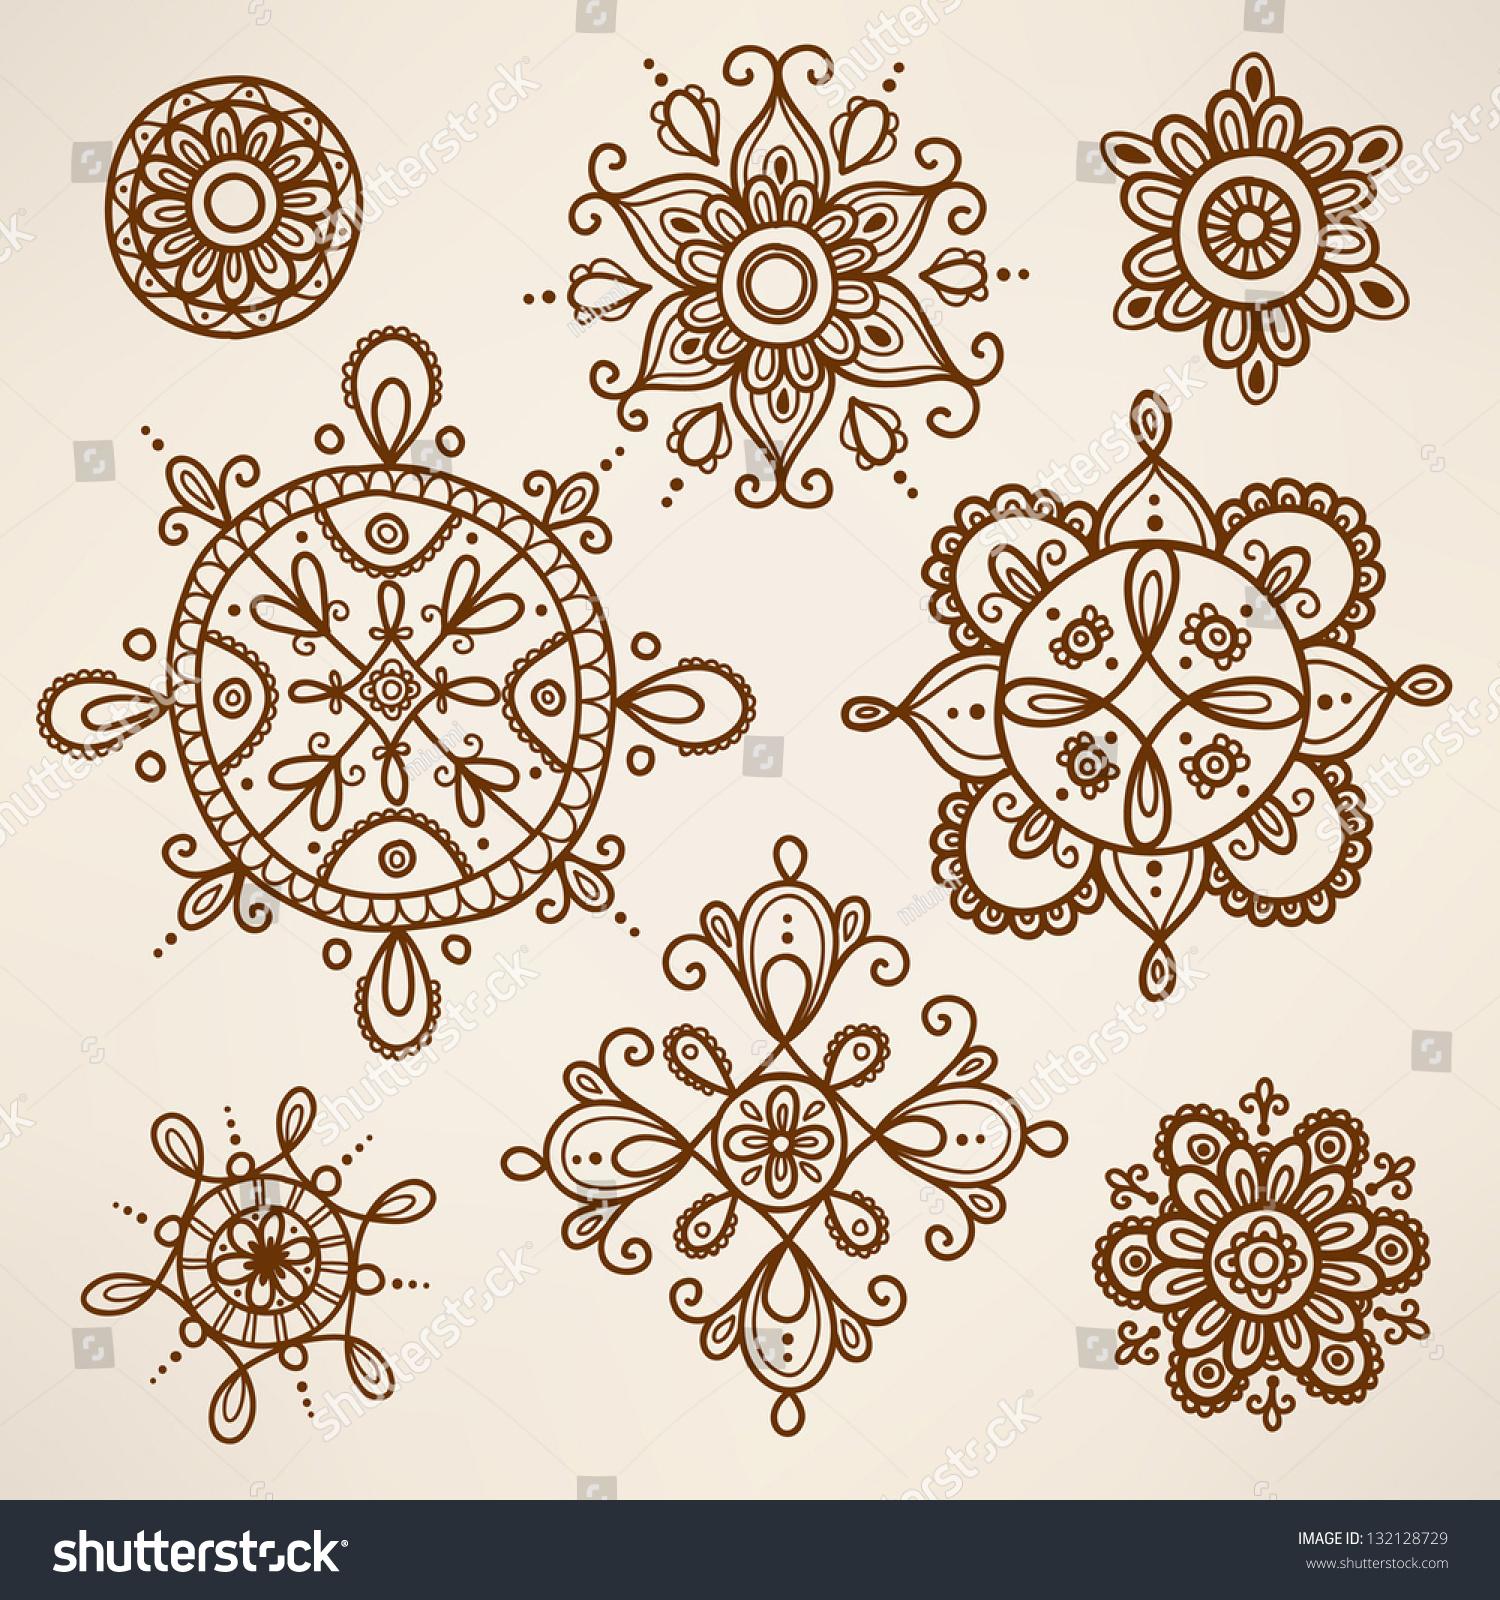 Henna Tattoo Vector: Henna Tattoo Elements Stock Vector 132128729